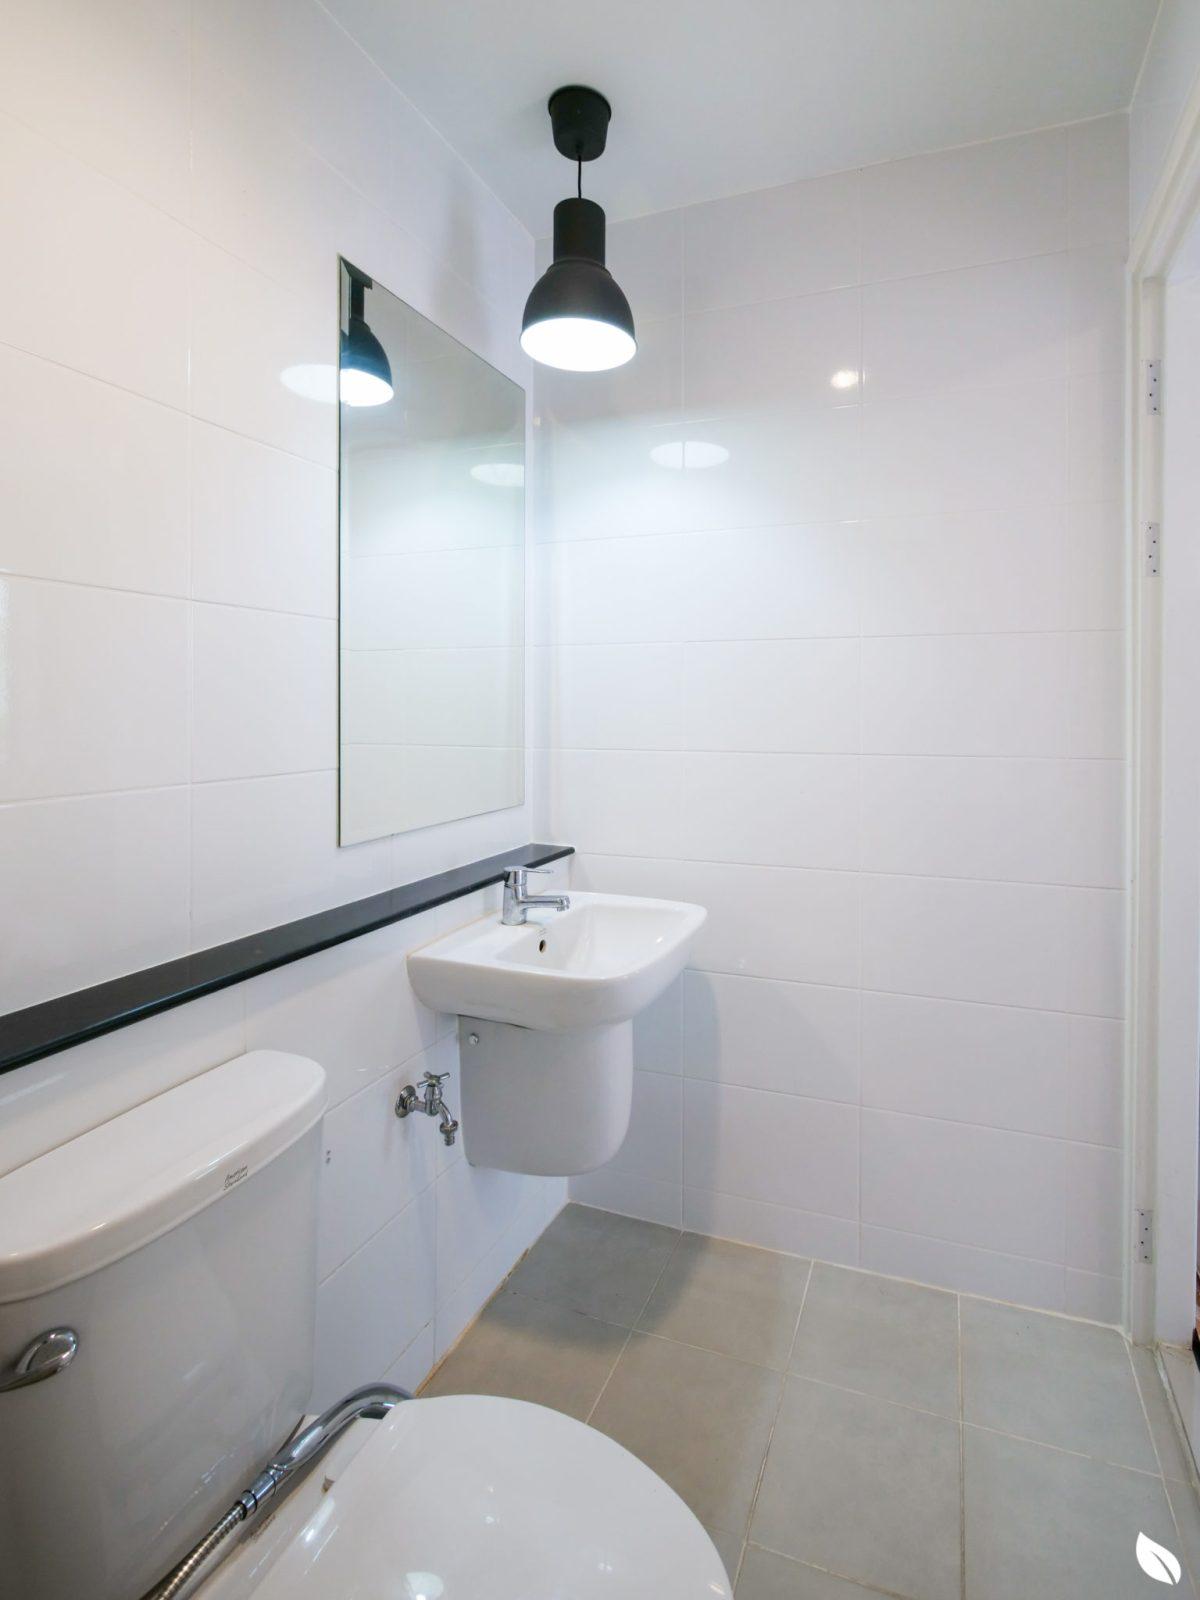 """4 ขั้นตอน """"รีโนเวทห้องน้ำขนาดเล็ก"""" ให้สวยใหม่ จบงานไวใน 2 วัน แบบปูกระเบื้องทับ ไม่ต้องรื้อ 14 - bathroom"""